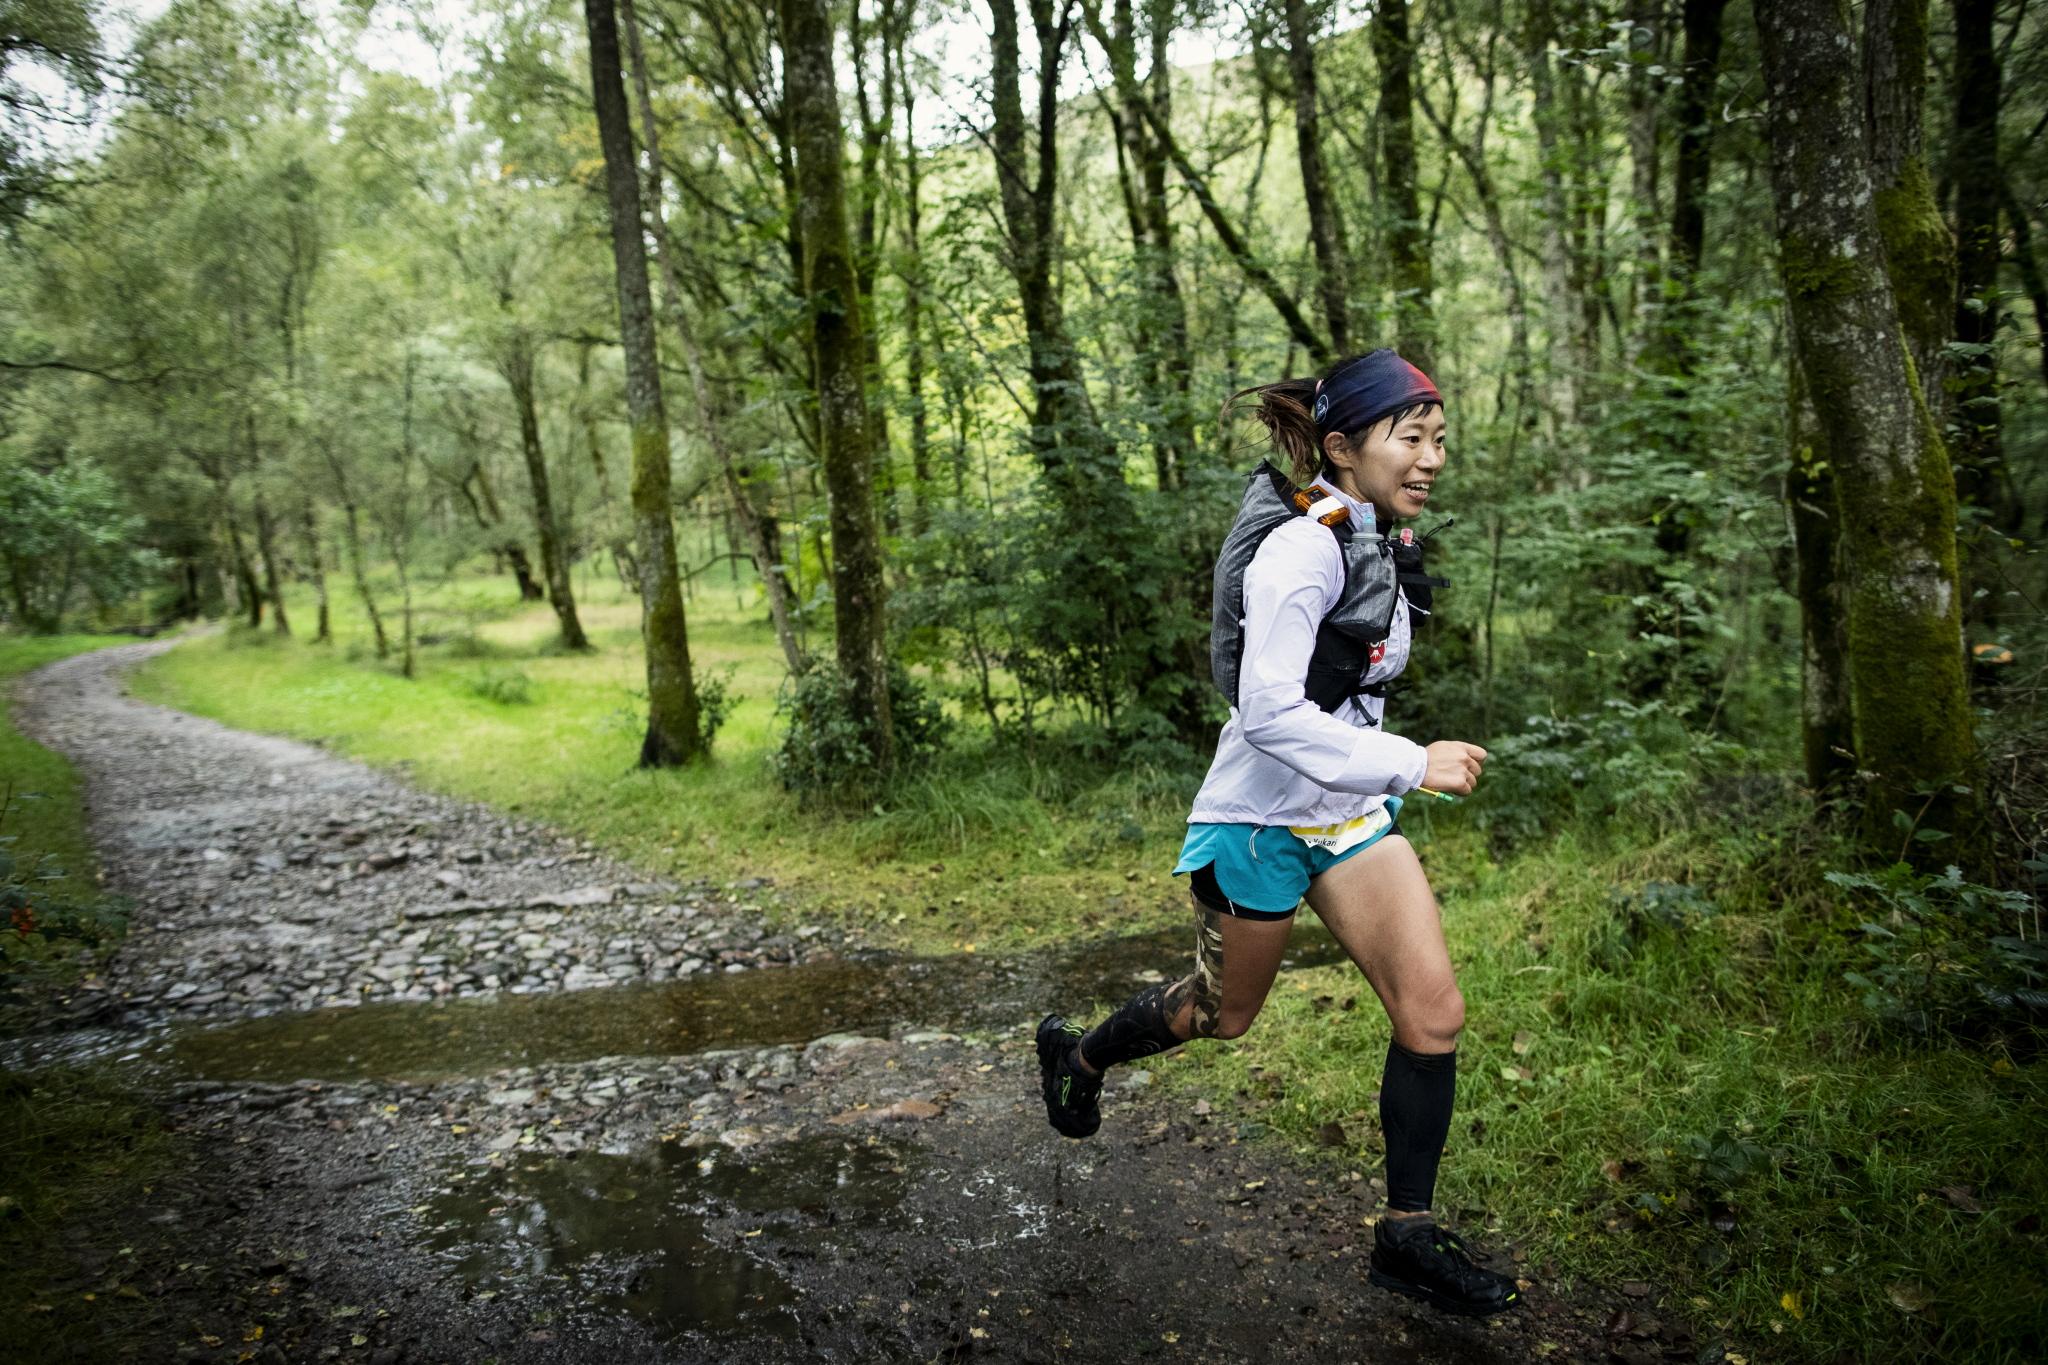 得意な山岳区間が大幅にカットされたが、チームのために全力を出して走り続けた星野 ©Sho Fujimaki